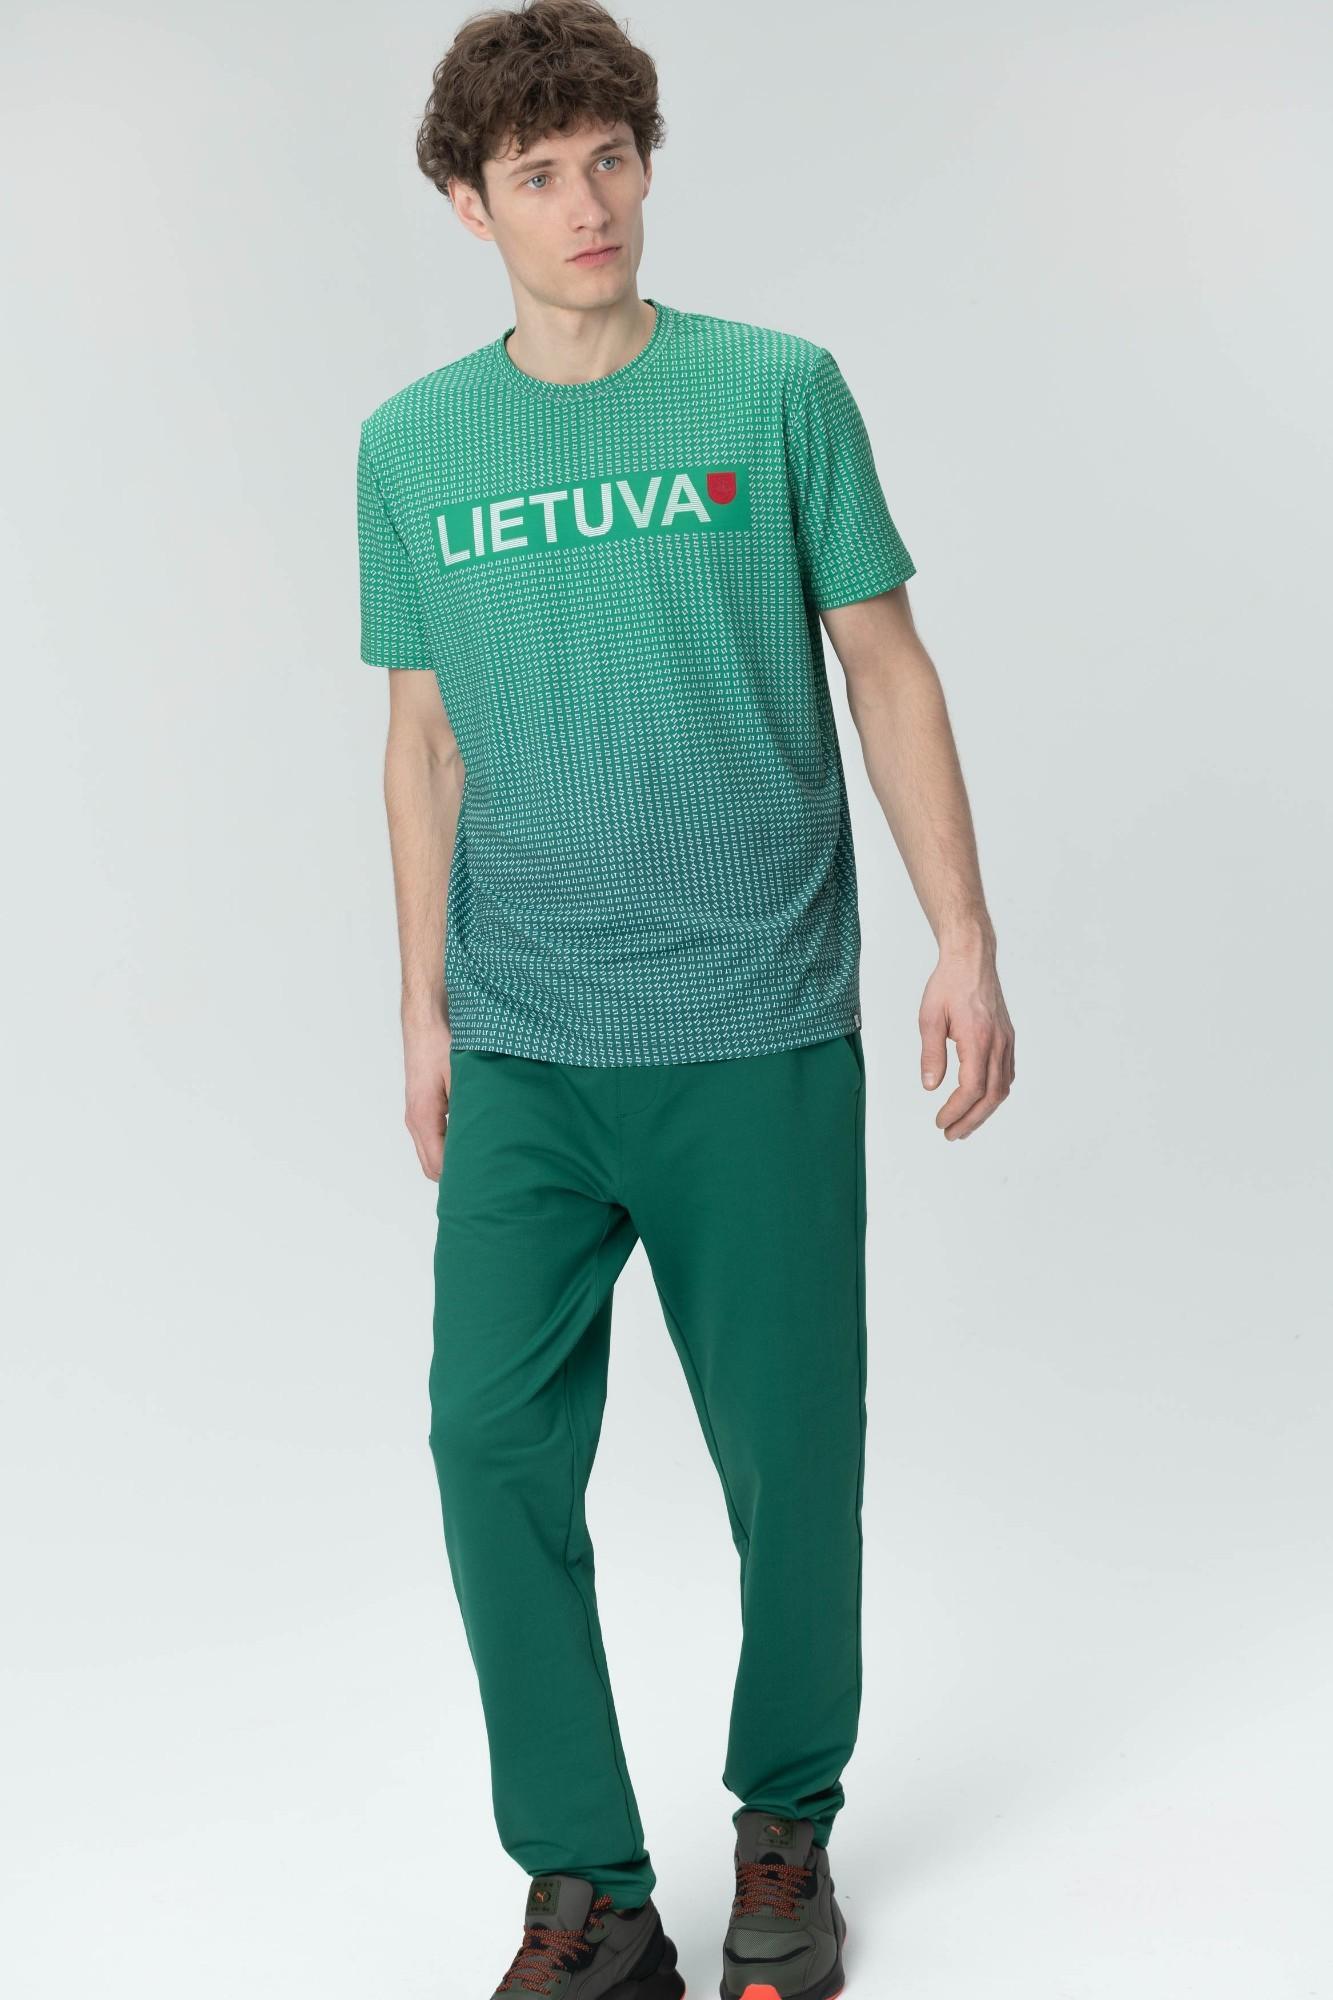 AUDIMAS Funkcionalūs marškinėliai 20LT-401 Jolly Green Printed XXL